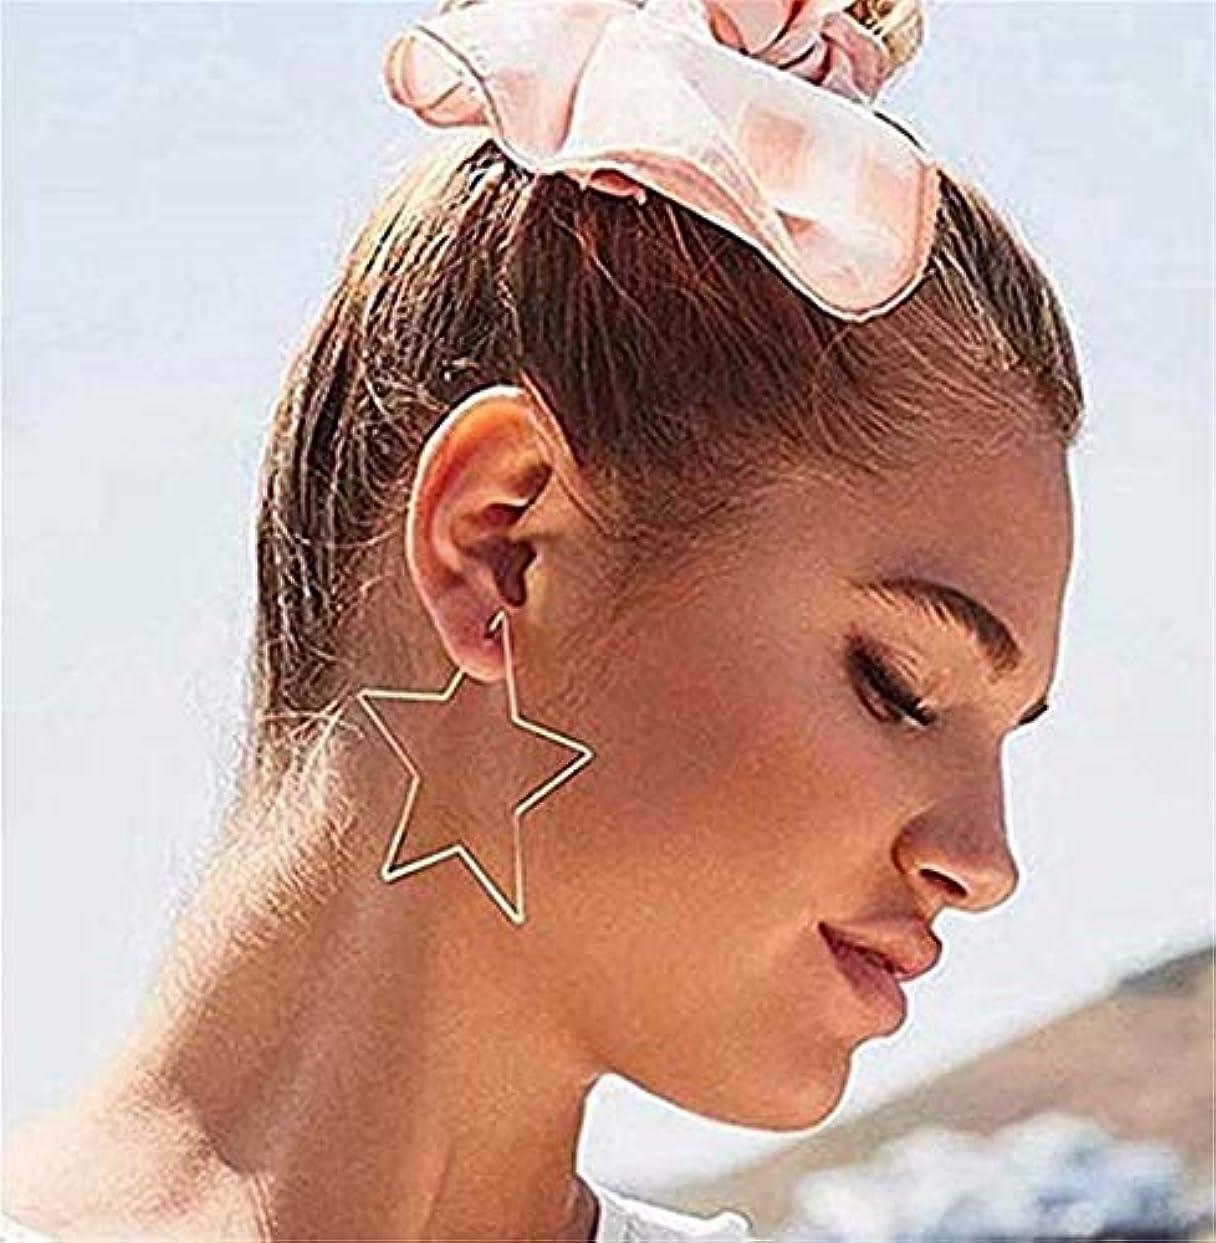 器具ゴミおもてなし七里の香 五芒星の中空ペンタグラムの耳の女性のフックスレーターダングルドロップスタッドイヤリングジュエリー